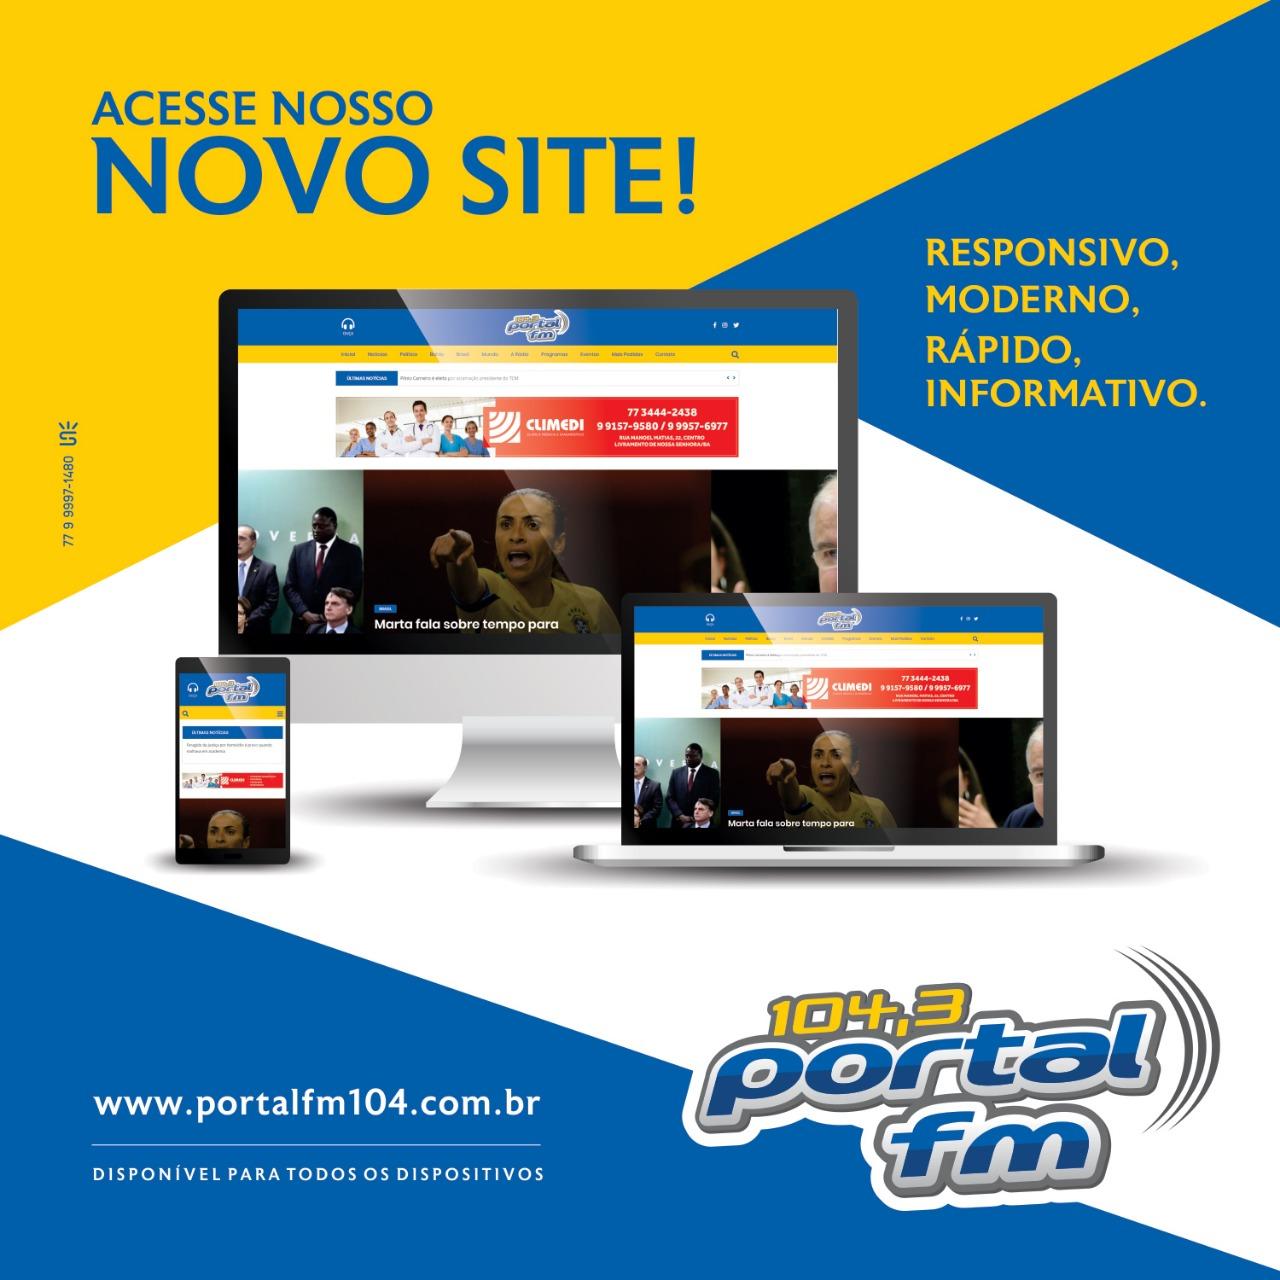 Livramento: Novo site da Rádio Portal FM já está no ar